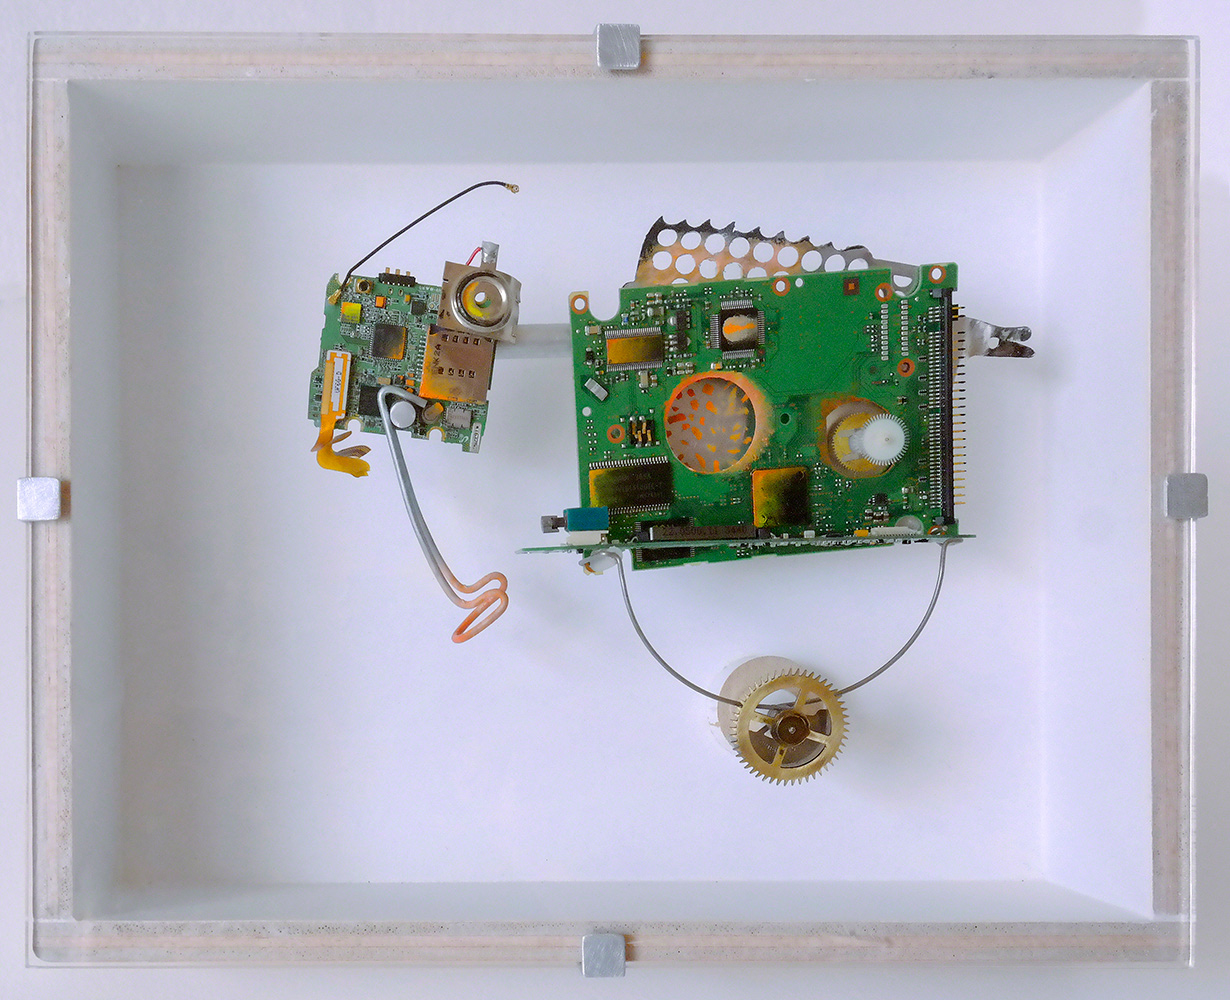 """ANIMAL DE CARGA C - 21'5x27'3x9 cm - Reciclaje y ensamblado - Serie Animalario - Proyecto S.O.S.tenible - Políptico """"Robotifauna"""" de 9 piezas - 2017 - Gata de Gorgos."""